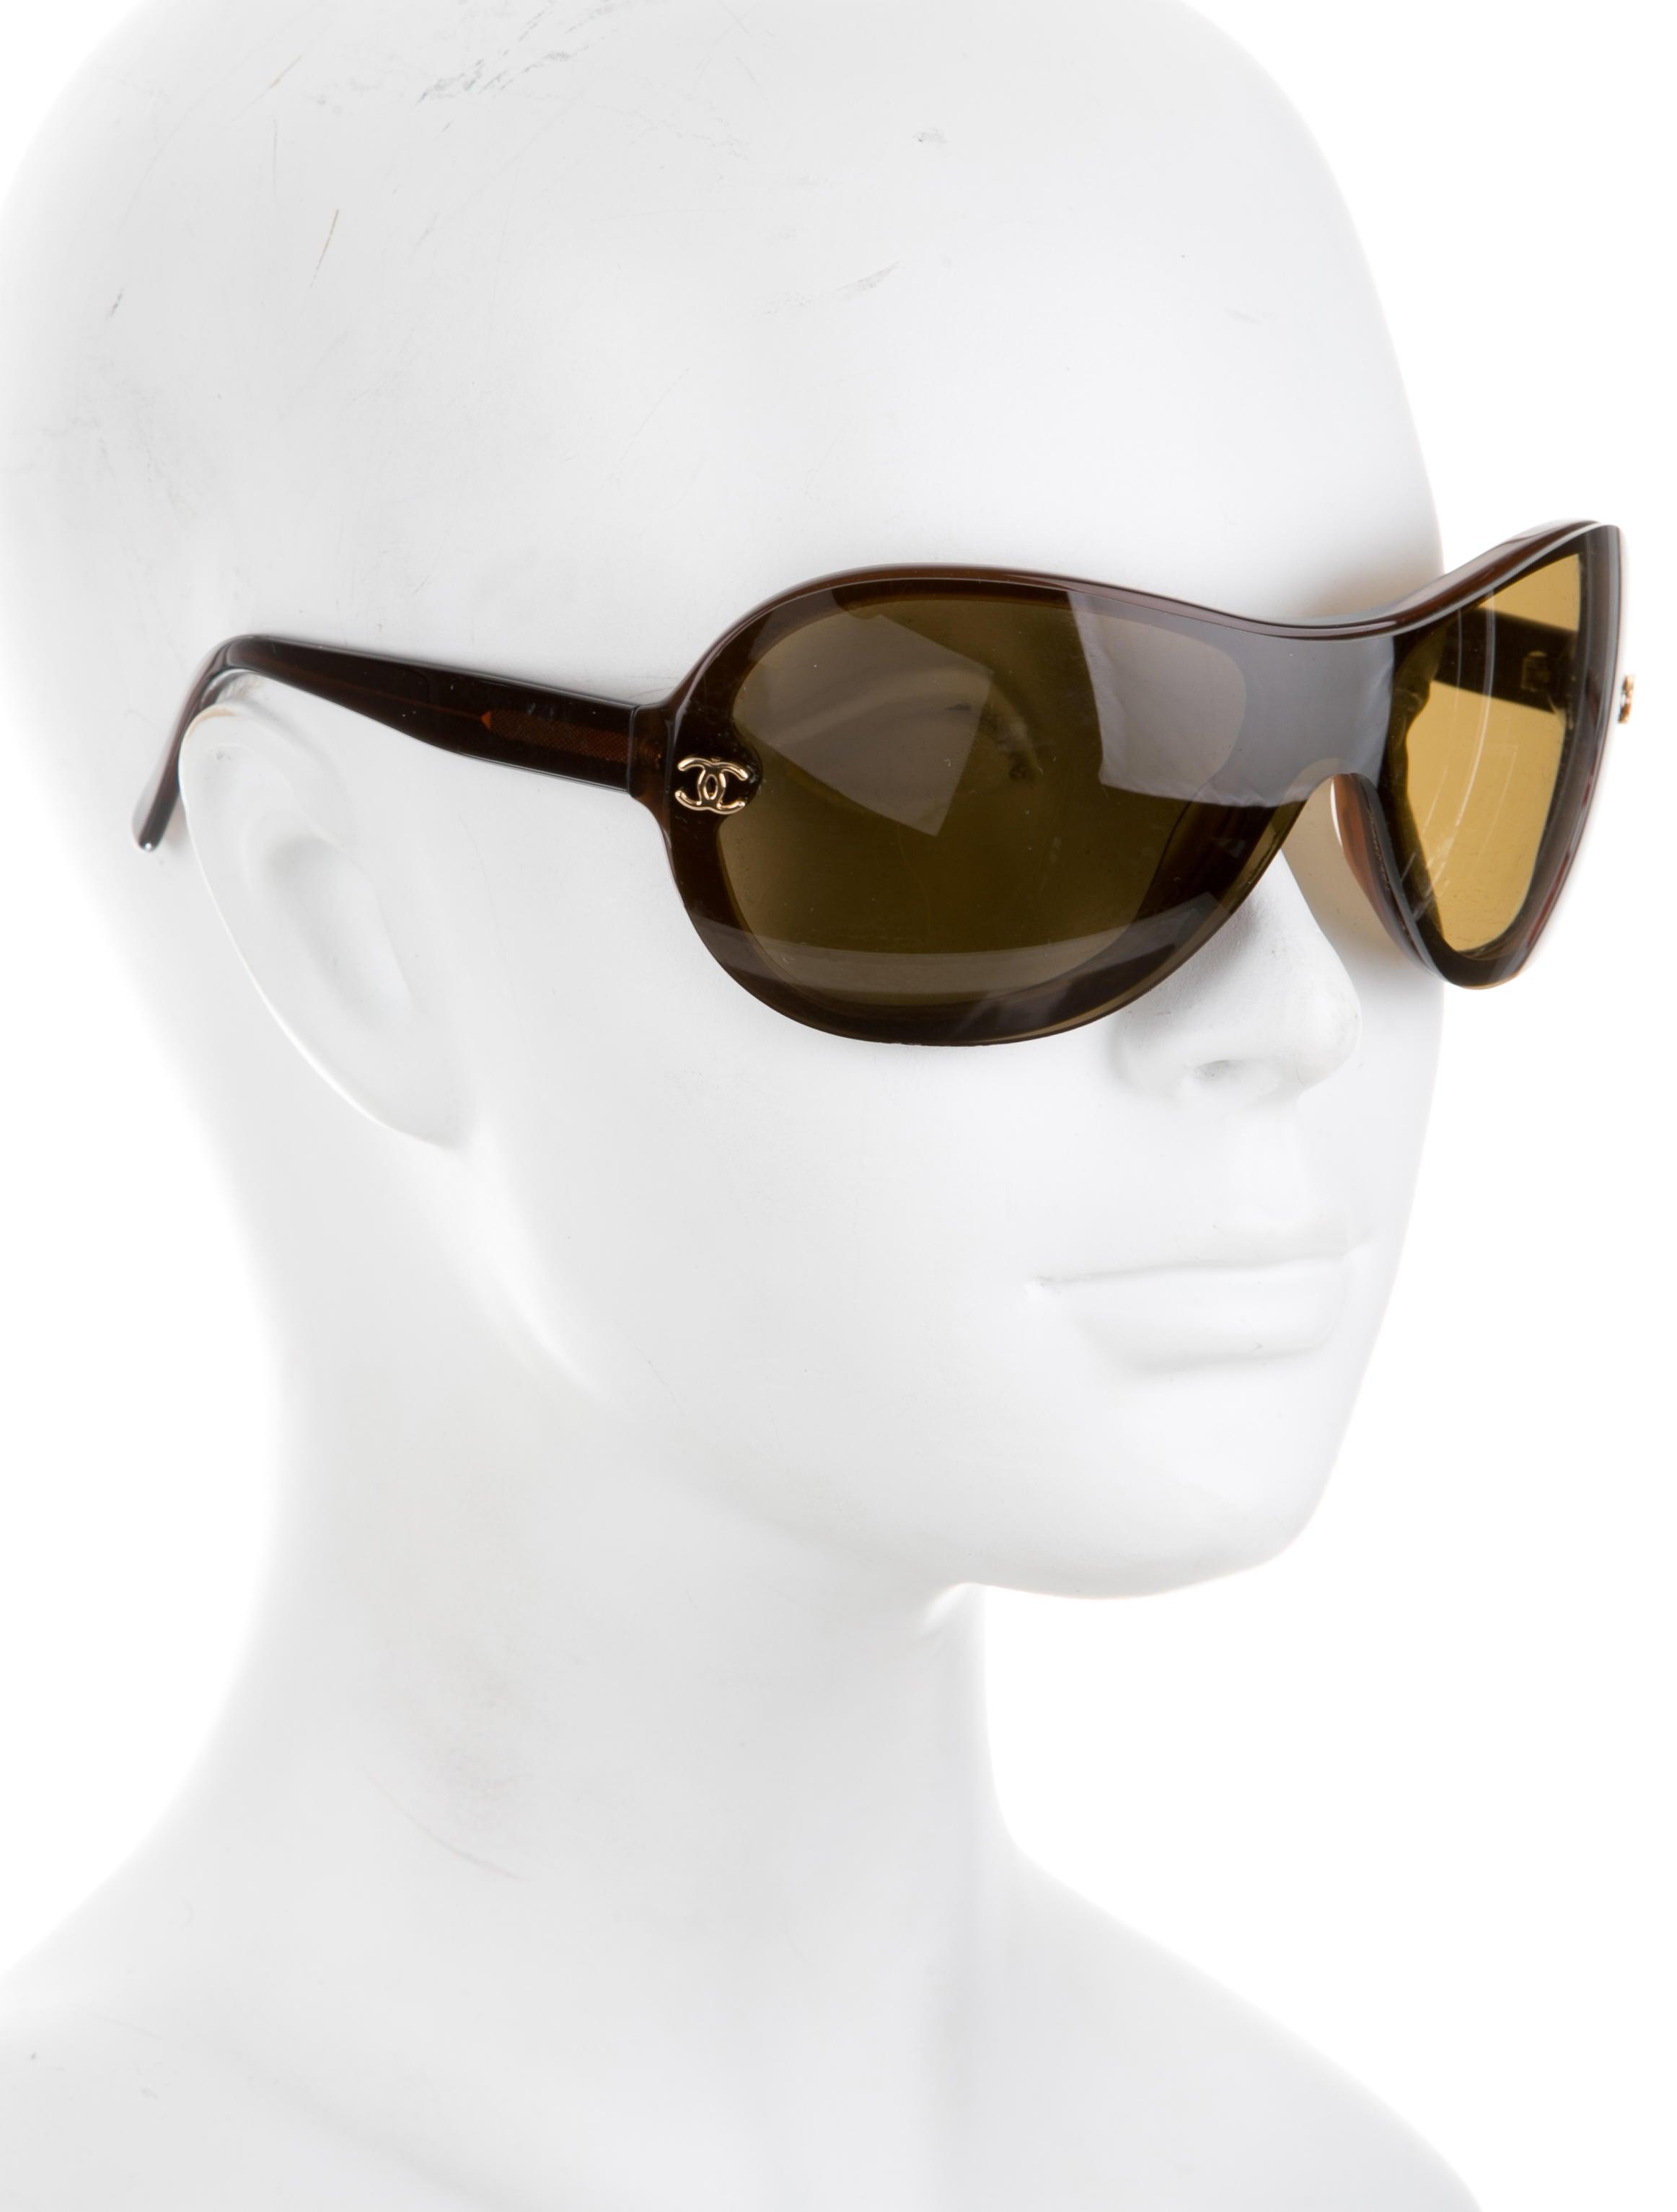 bf789f8293e Who Wears Chanel Shield Sunglasses - Bitterroot Public Library